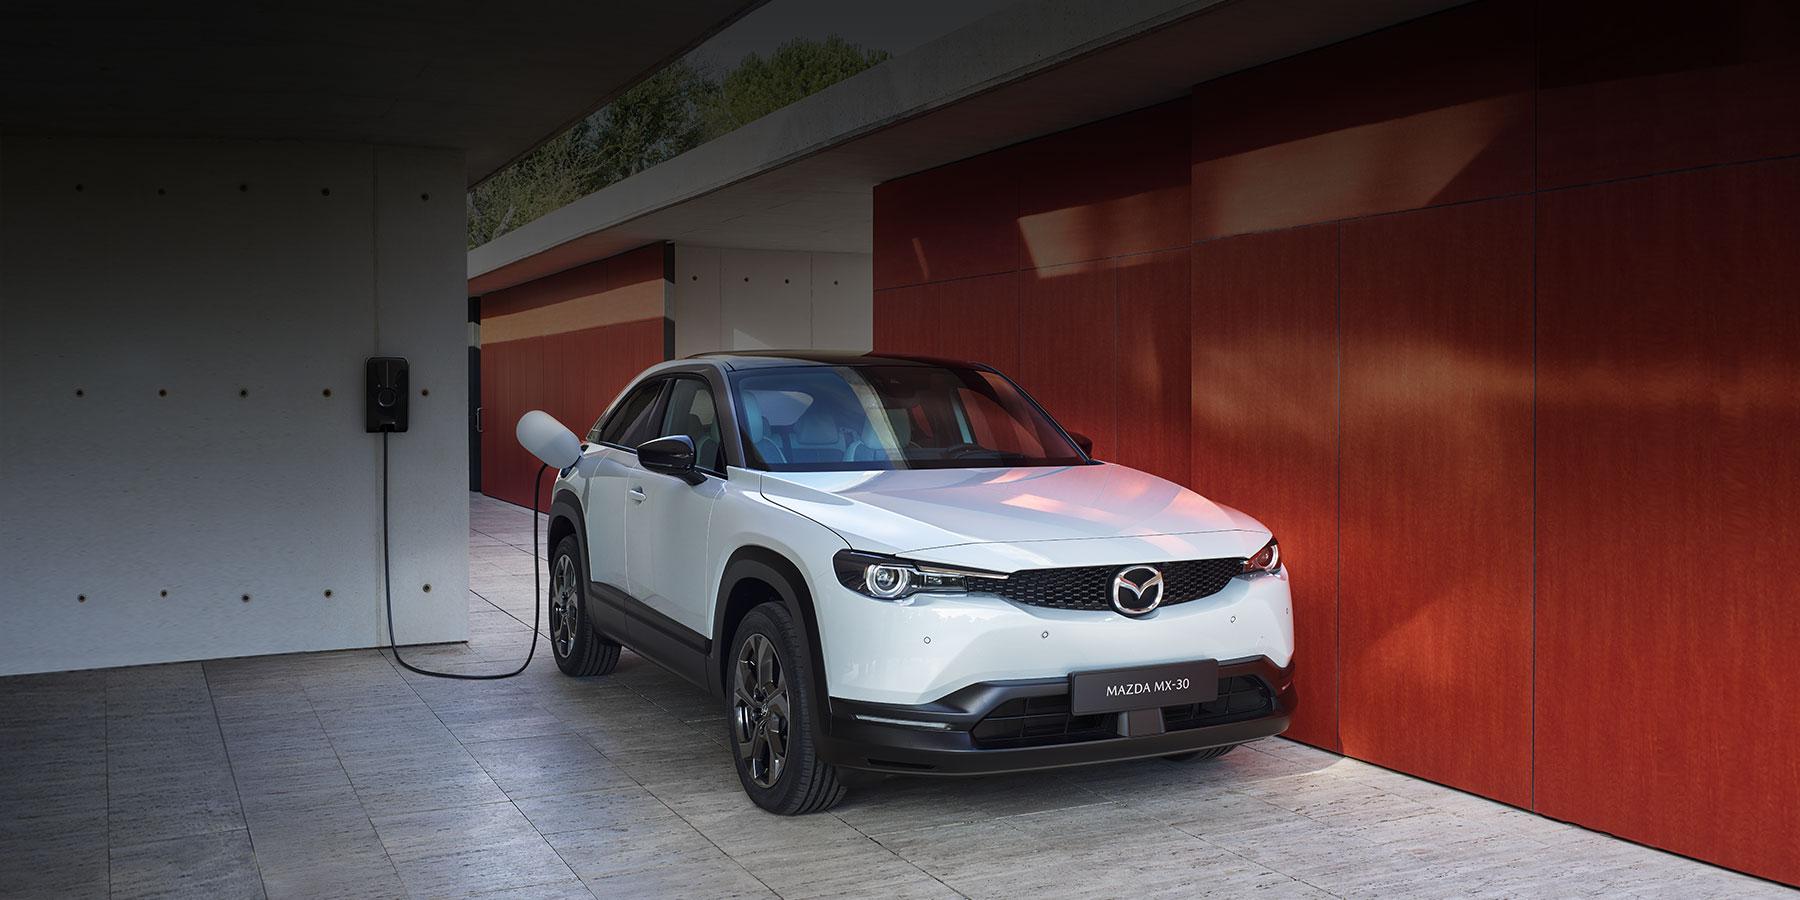 Arriva la NuovaMazda MX-30 completamente elettrica. Provala da Auto Ikaro il 28 luglio insieme a CNA-SHV